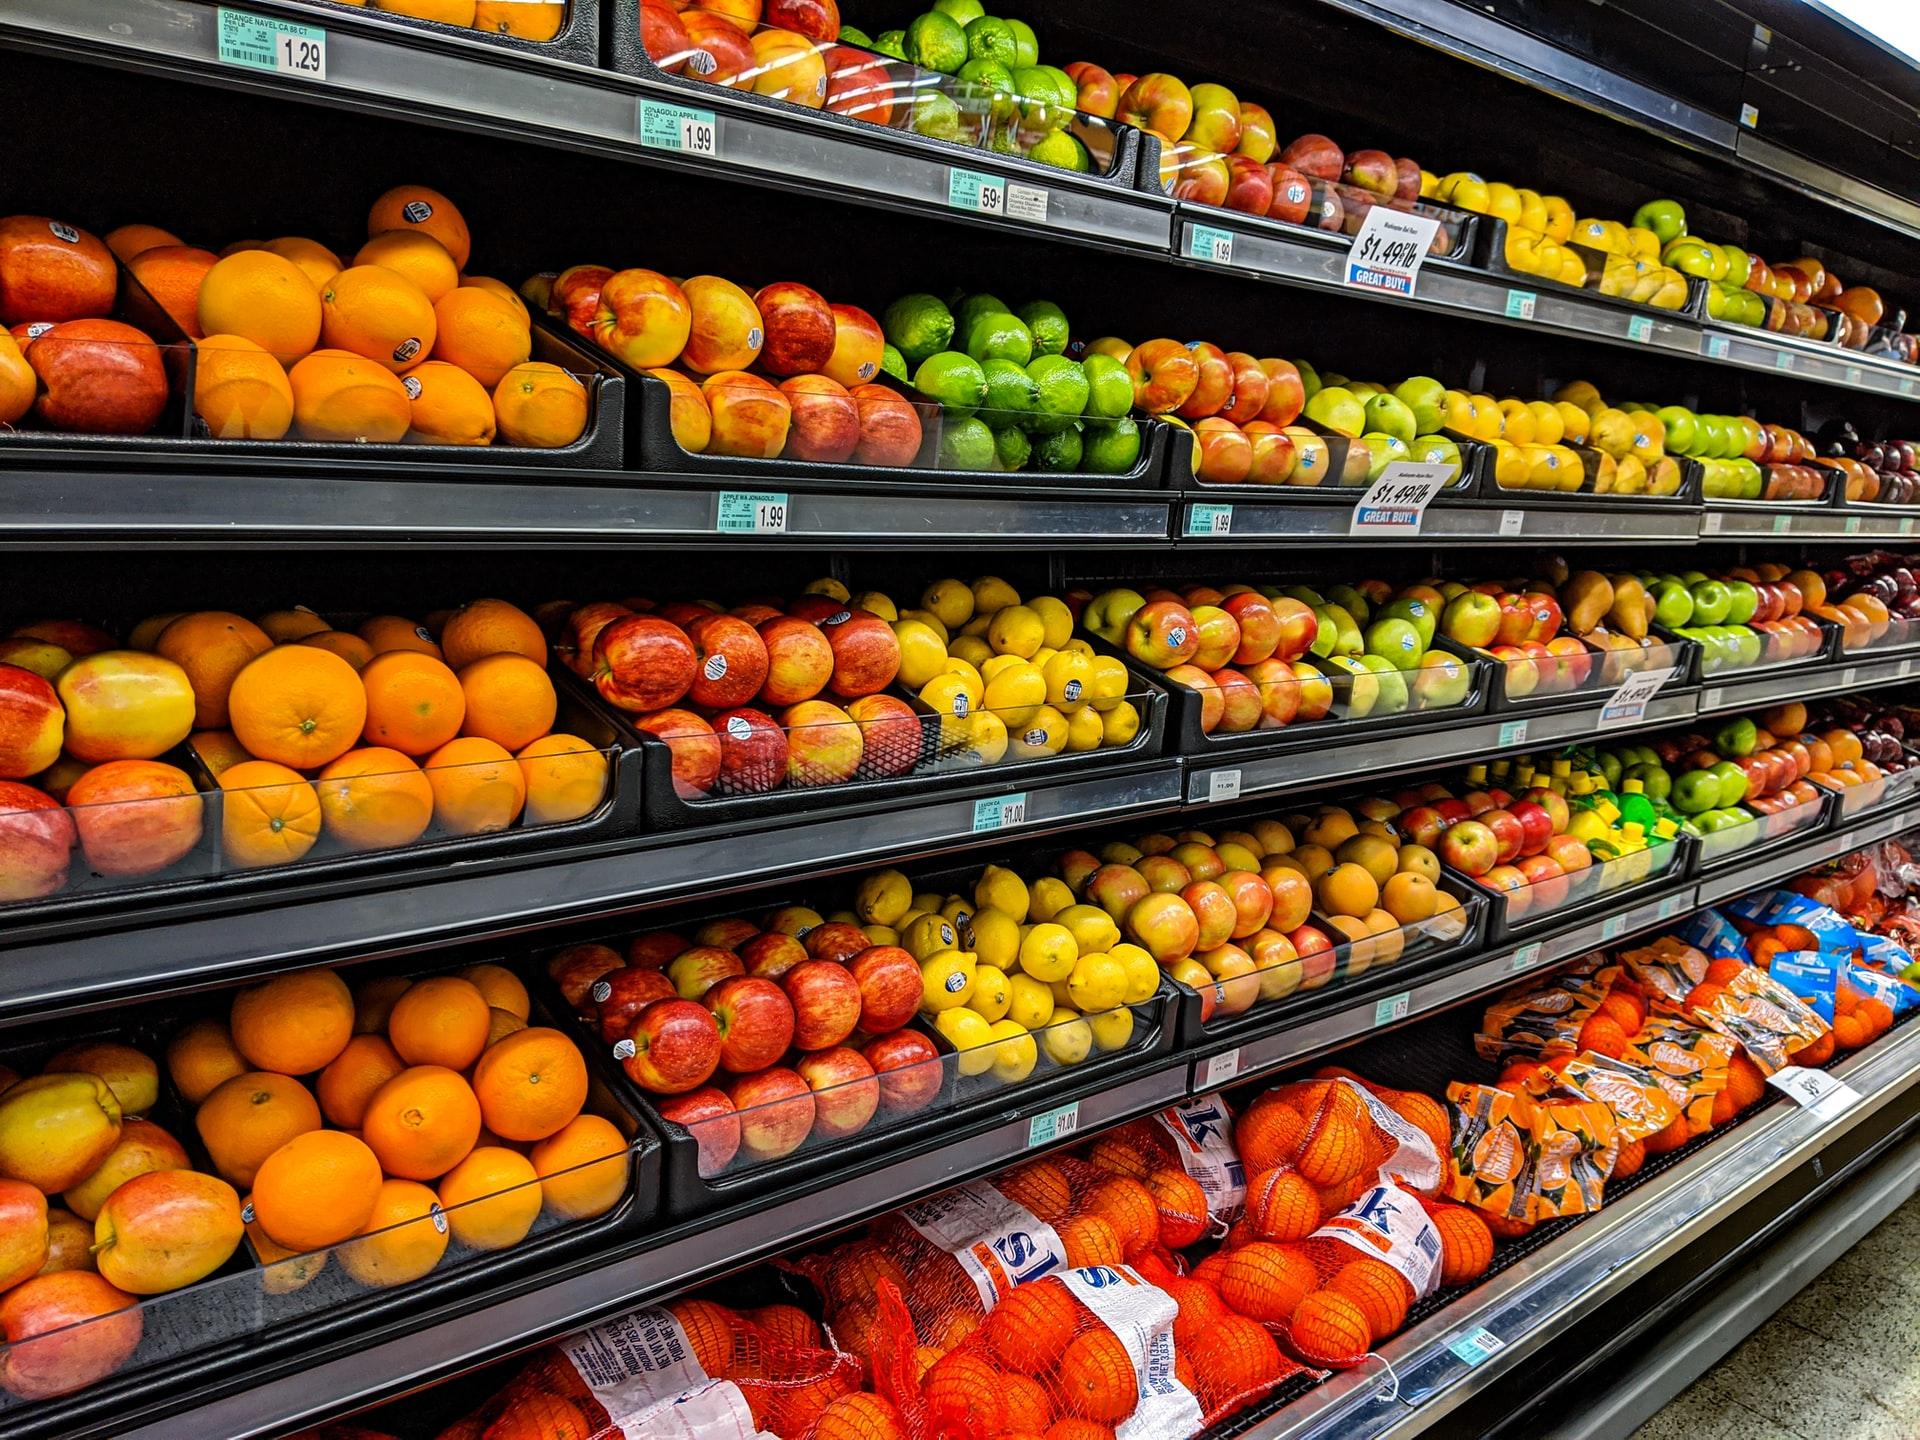 ¿Sabías que decidimos qué frutas comprar por impulso?